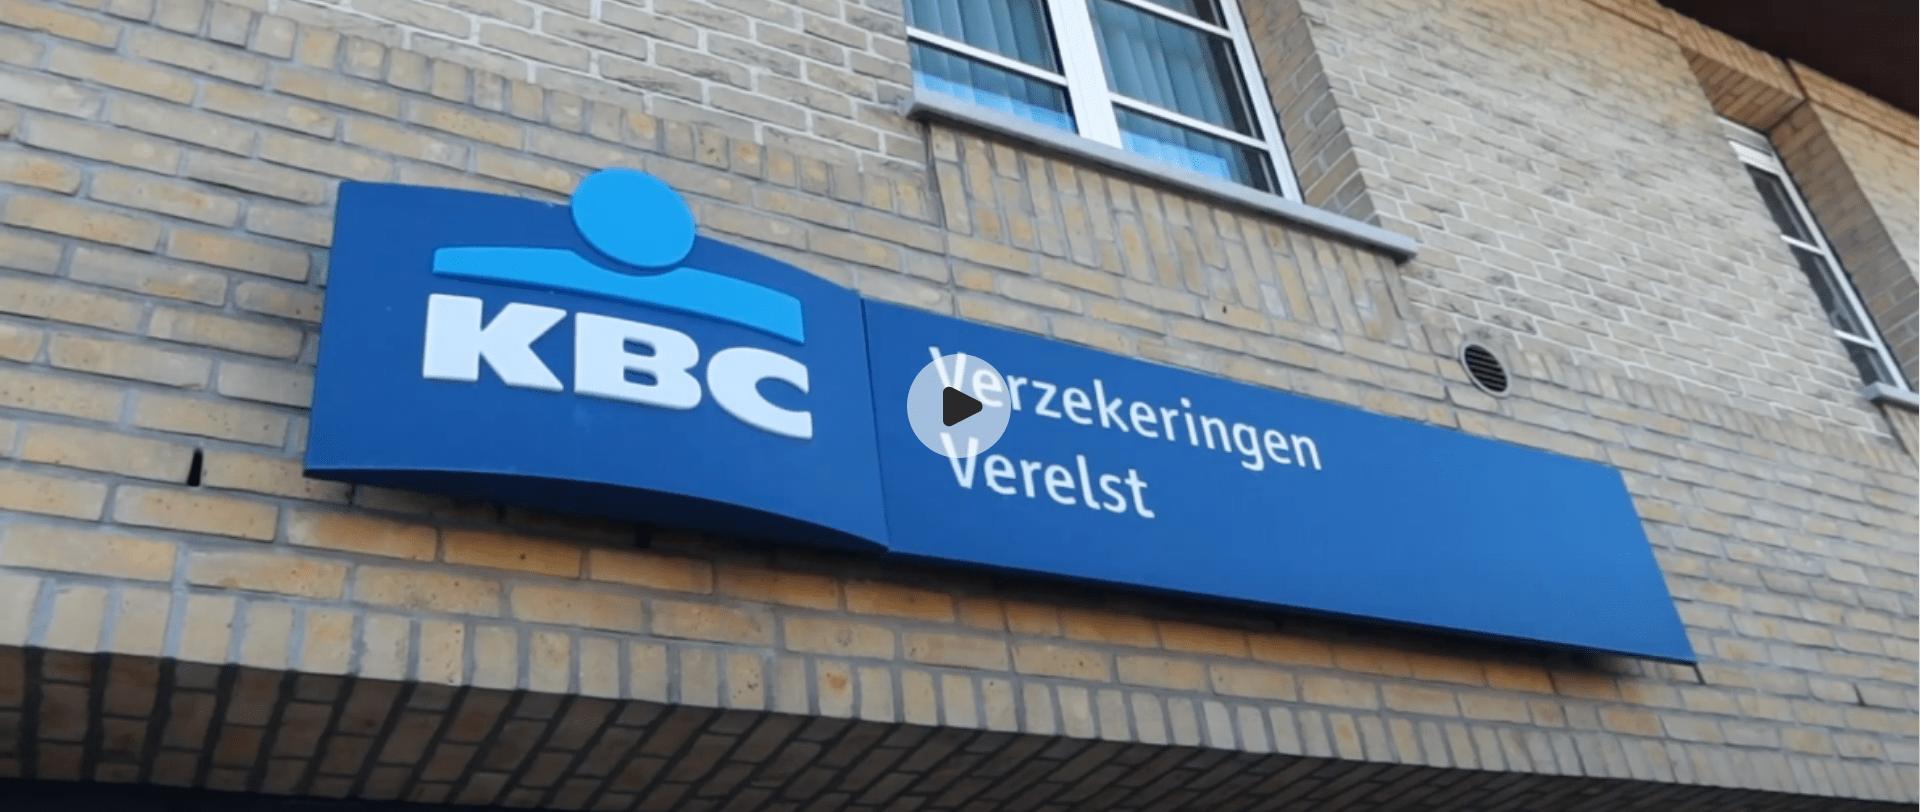 KBC verzekeringen Verelst